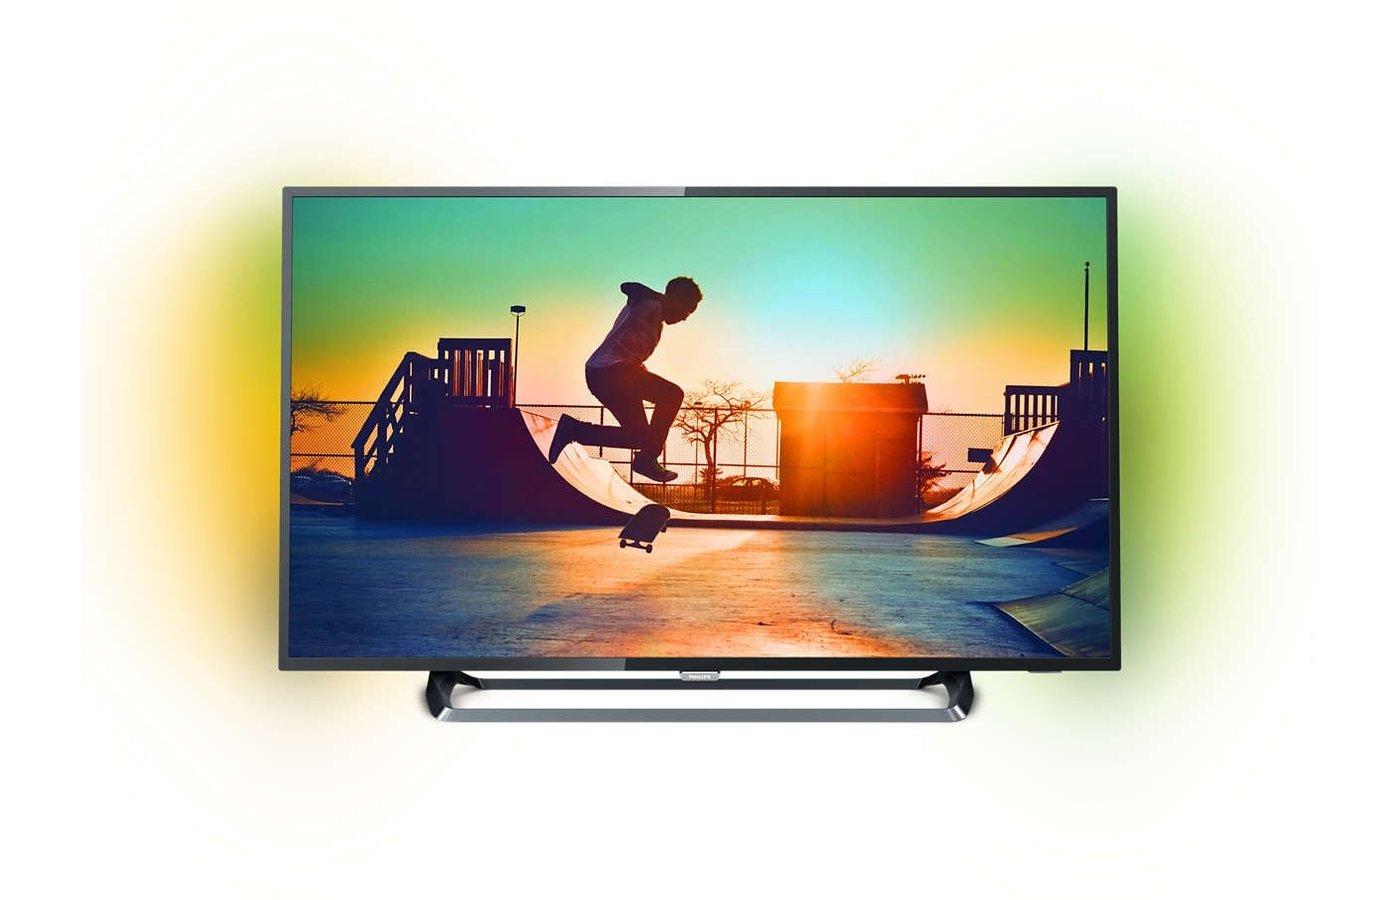 fefbe4fd0d45df 4K (Ultra HD) Smart телевизор PHILIPS 50PUS 6262/60 - купить 4k ...